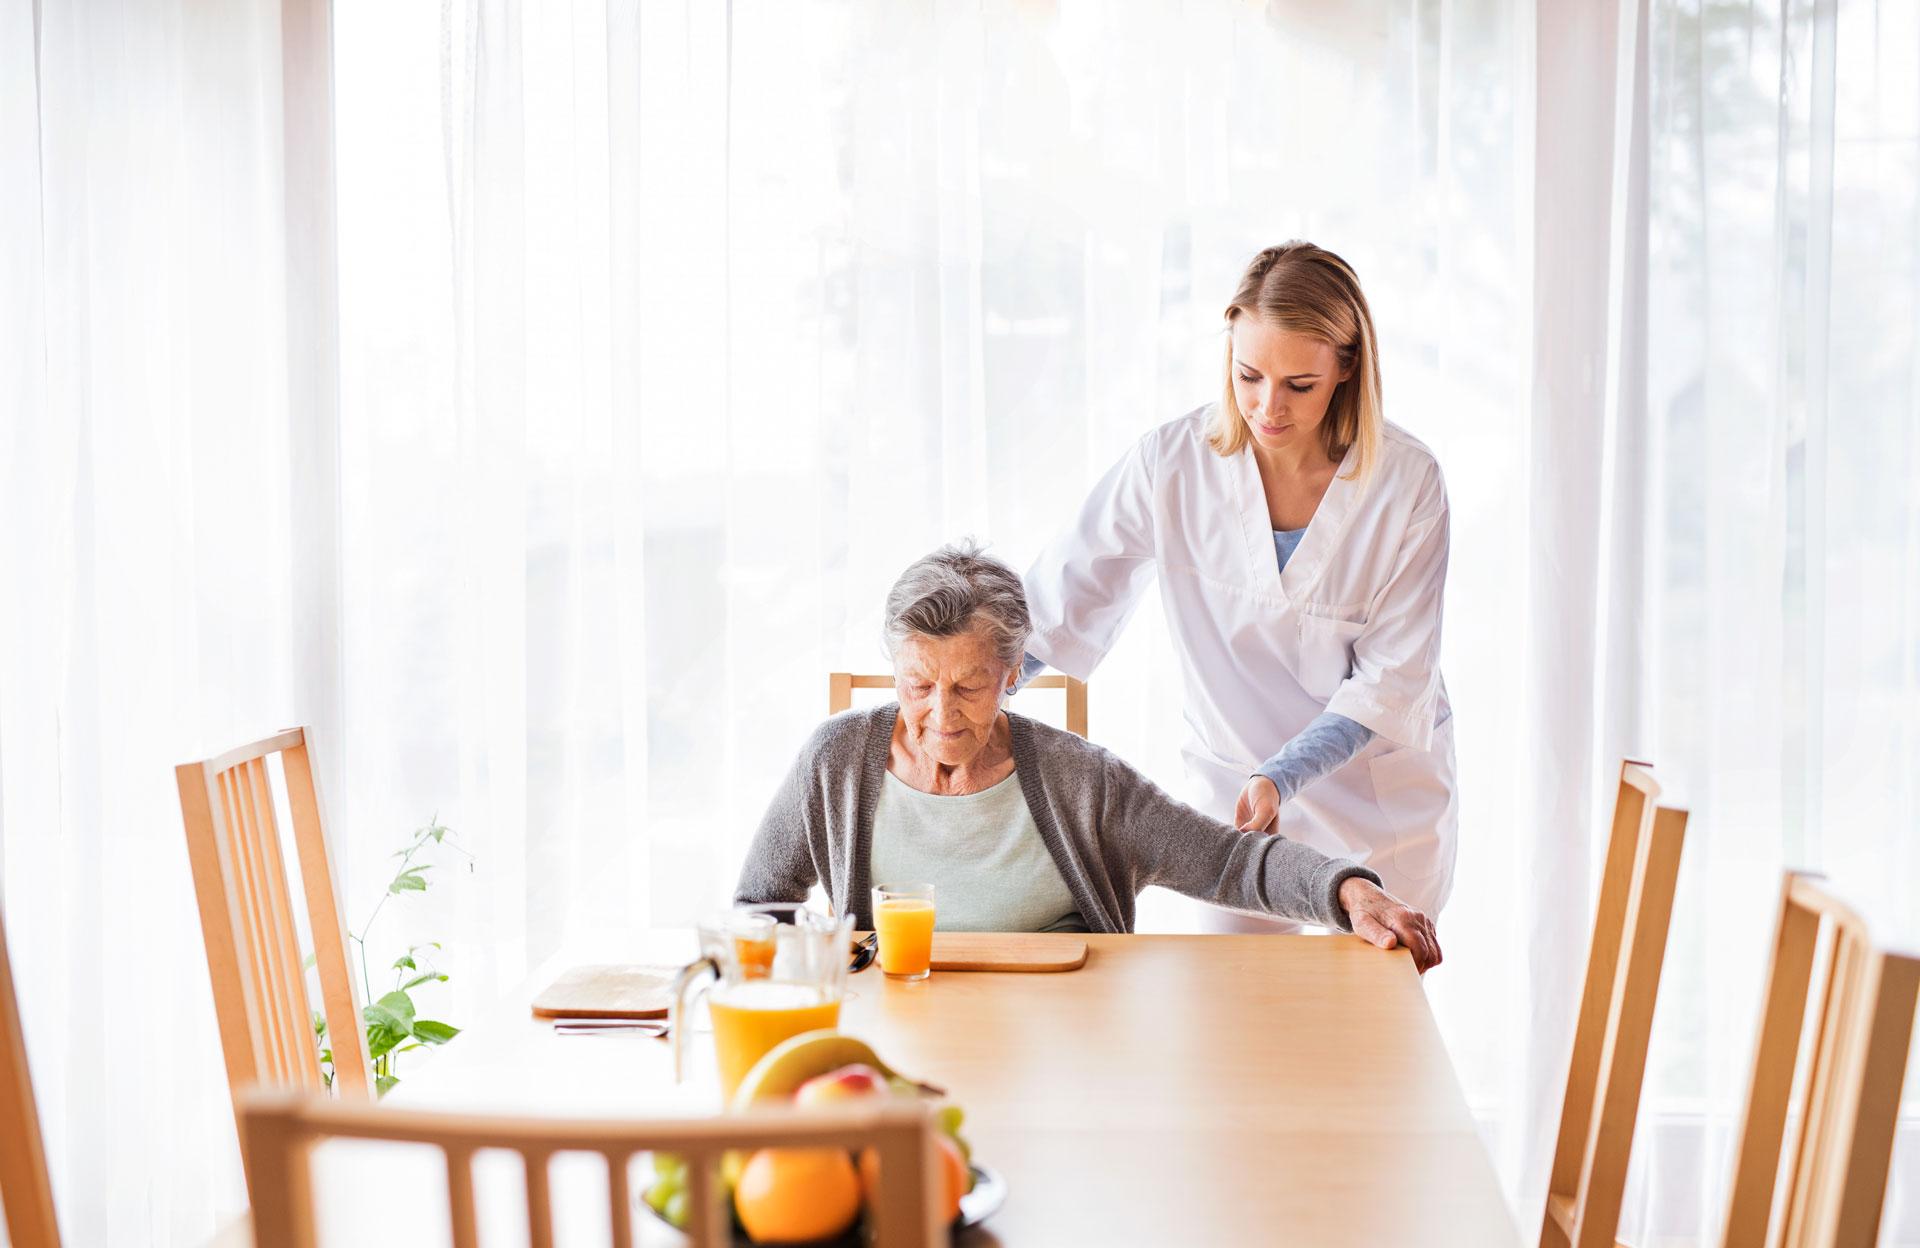 revivo, Pflegeservice, pflege mit herz